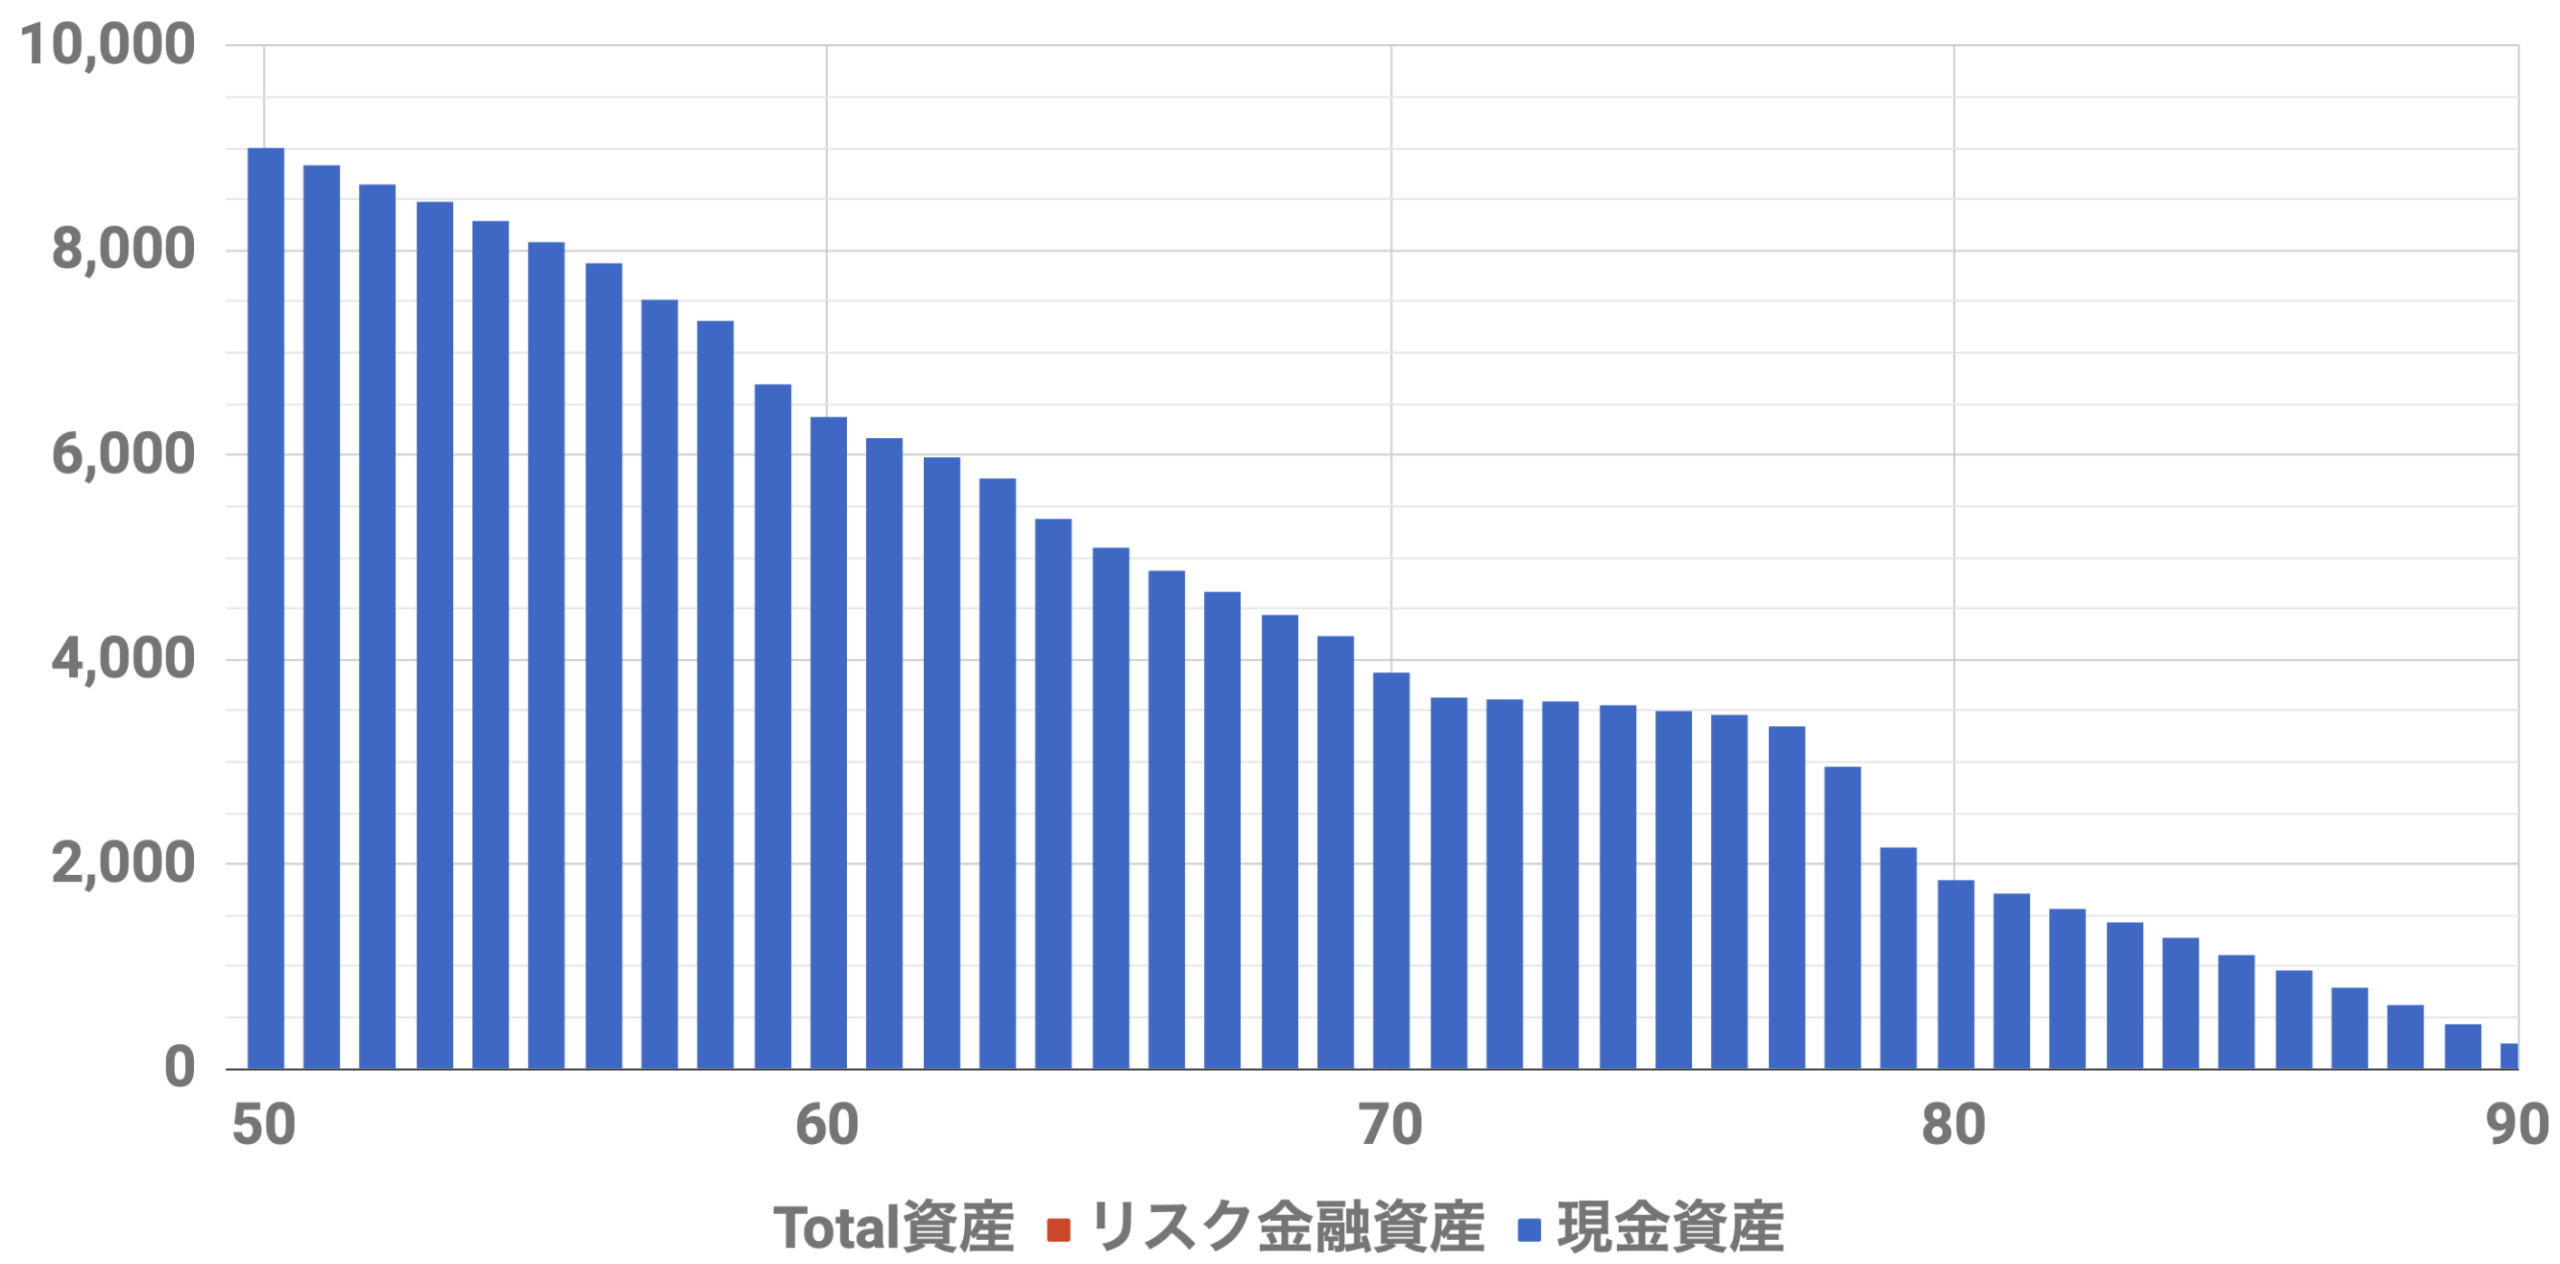 50歳9000万資産シミュレーション(Level3)インフレ率2%